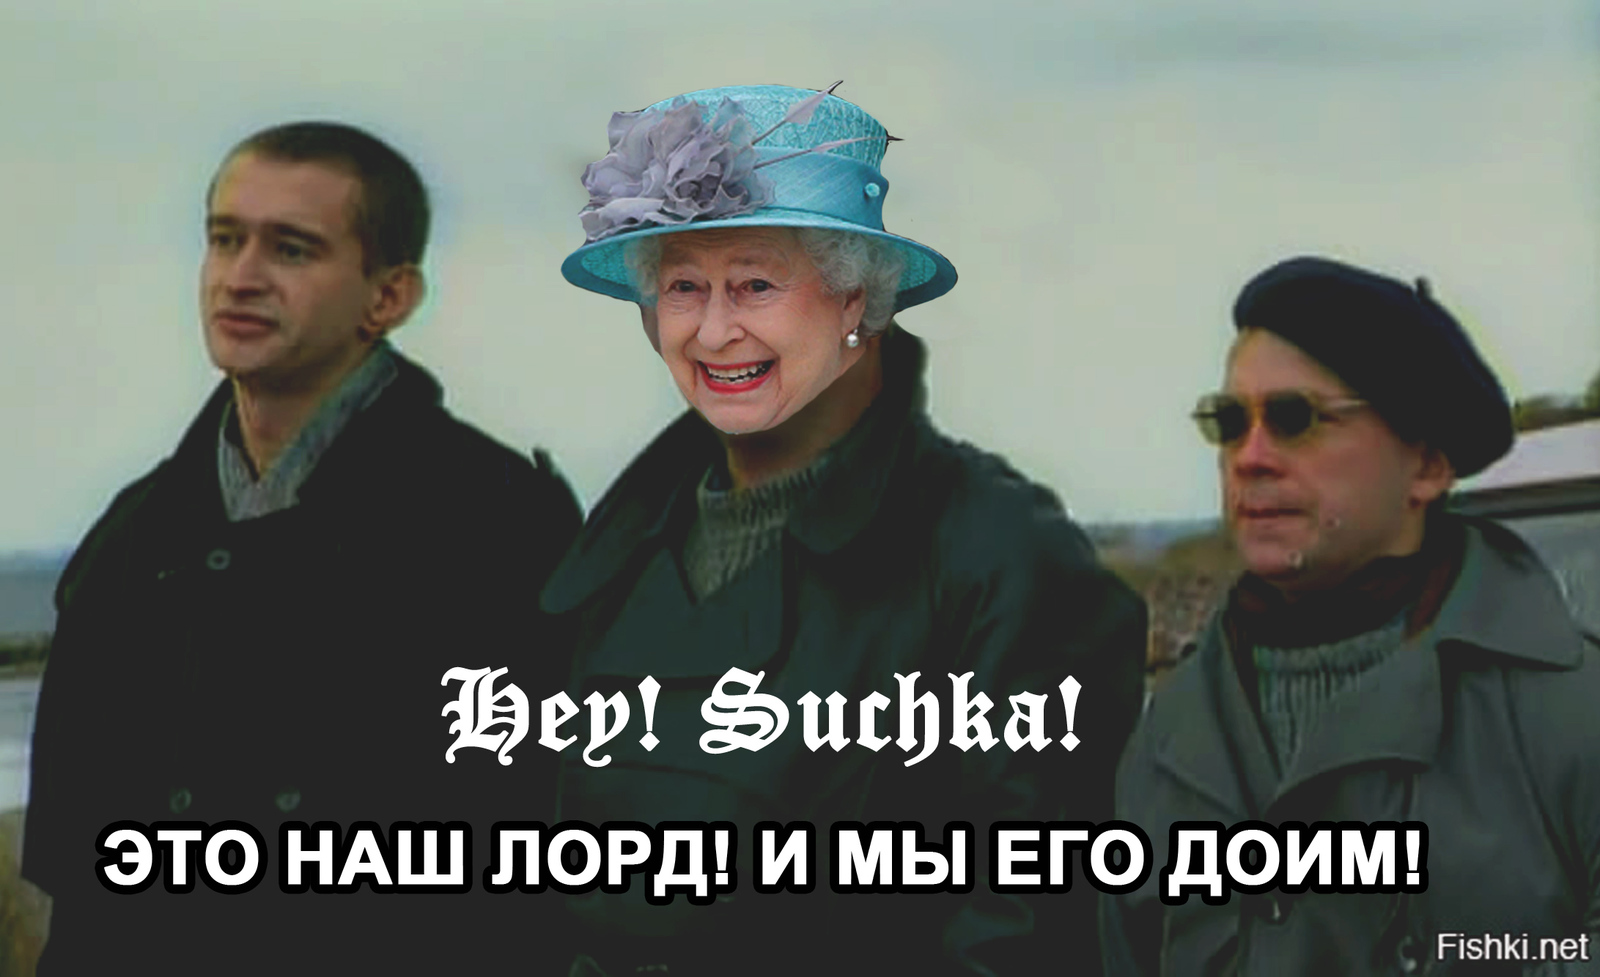 На хуй на хуй кричали пьяные герцогиня